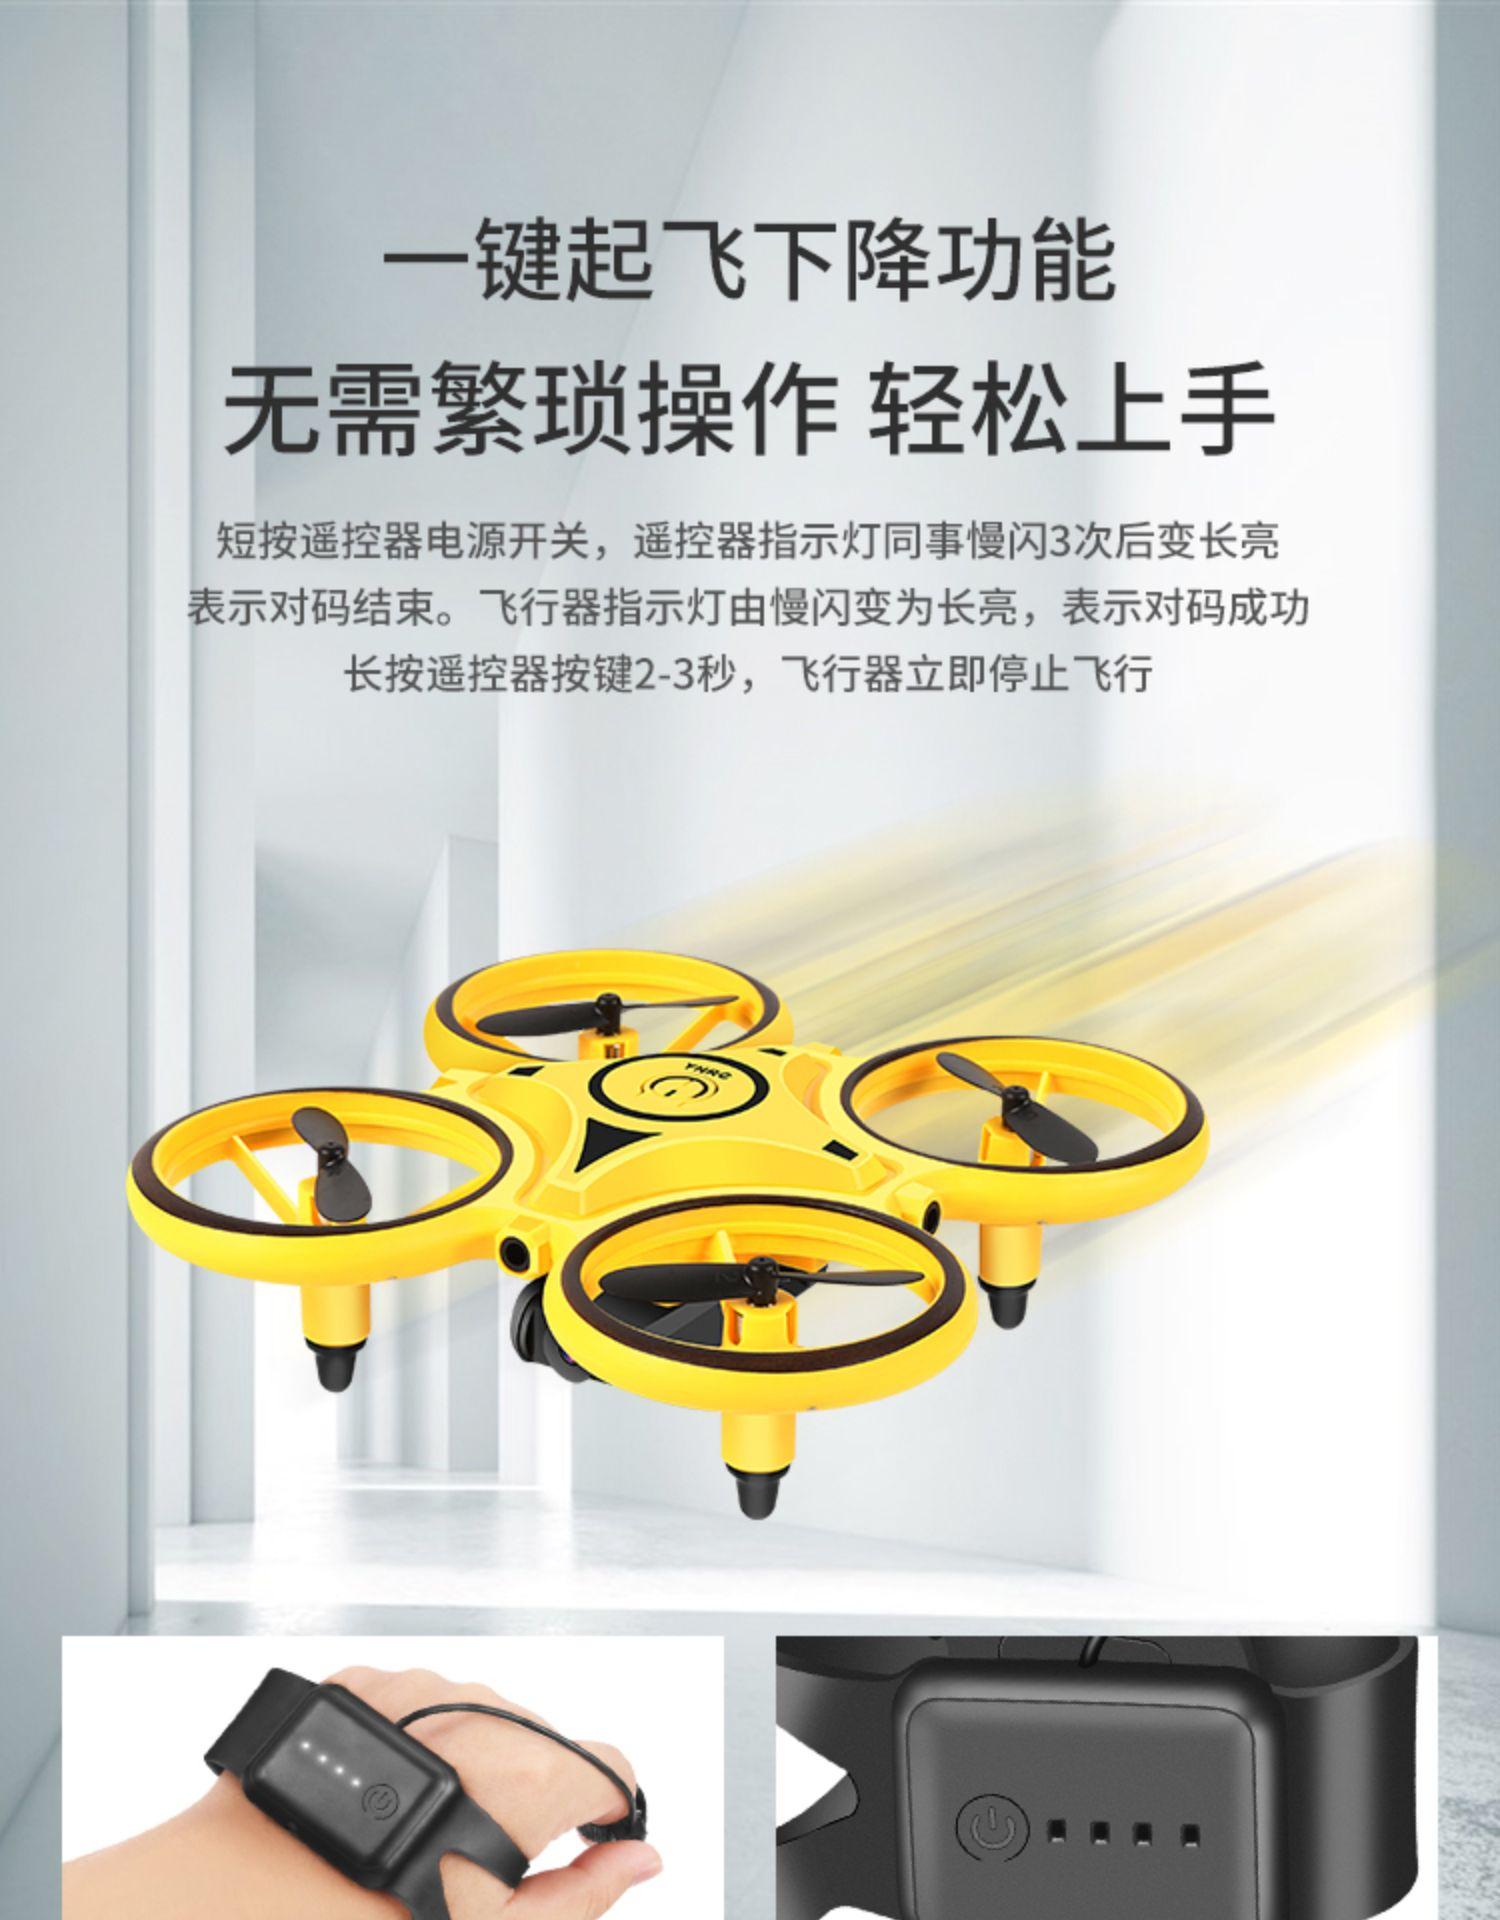 手錶智能重力感应无人机遥控飞机玩具悬浮儿童手控炫彩无人机详细照片